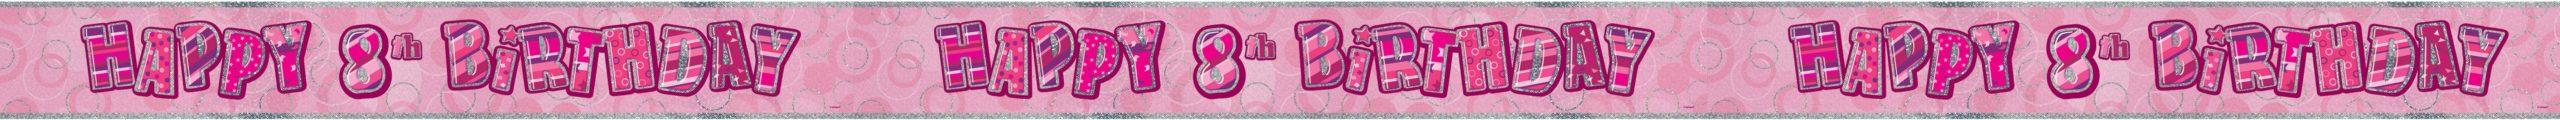 CB08BC1-1.jpg